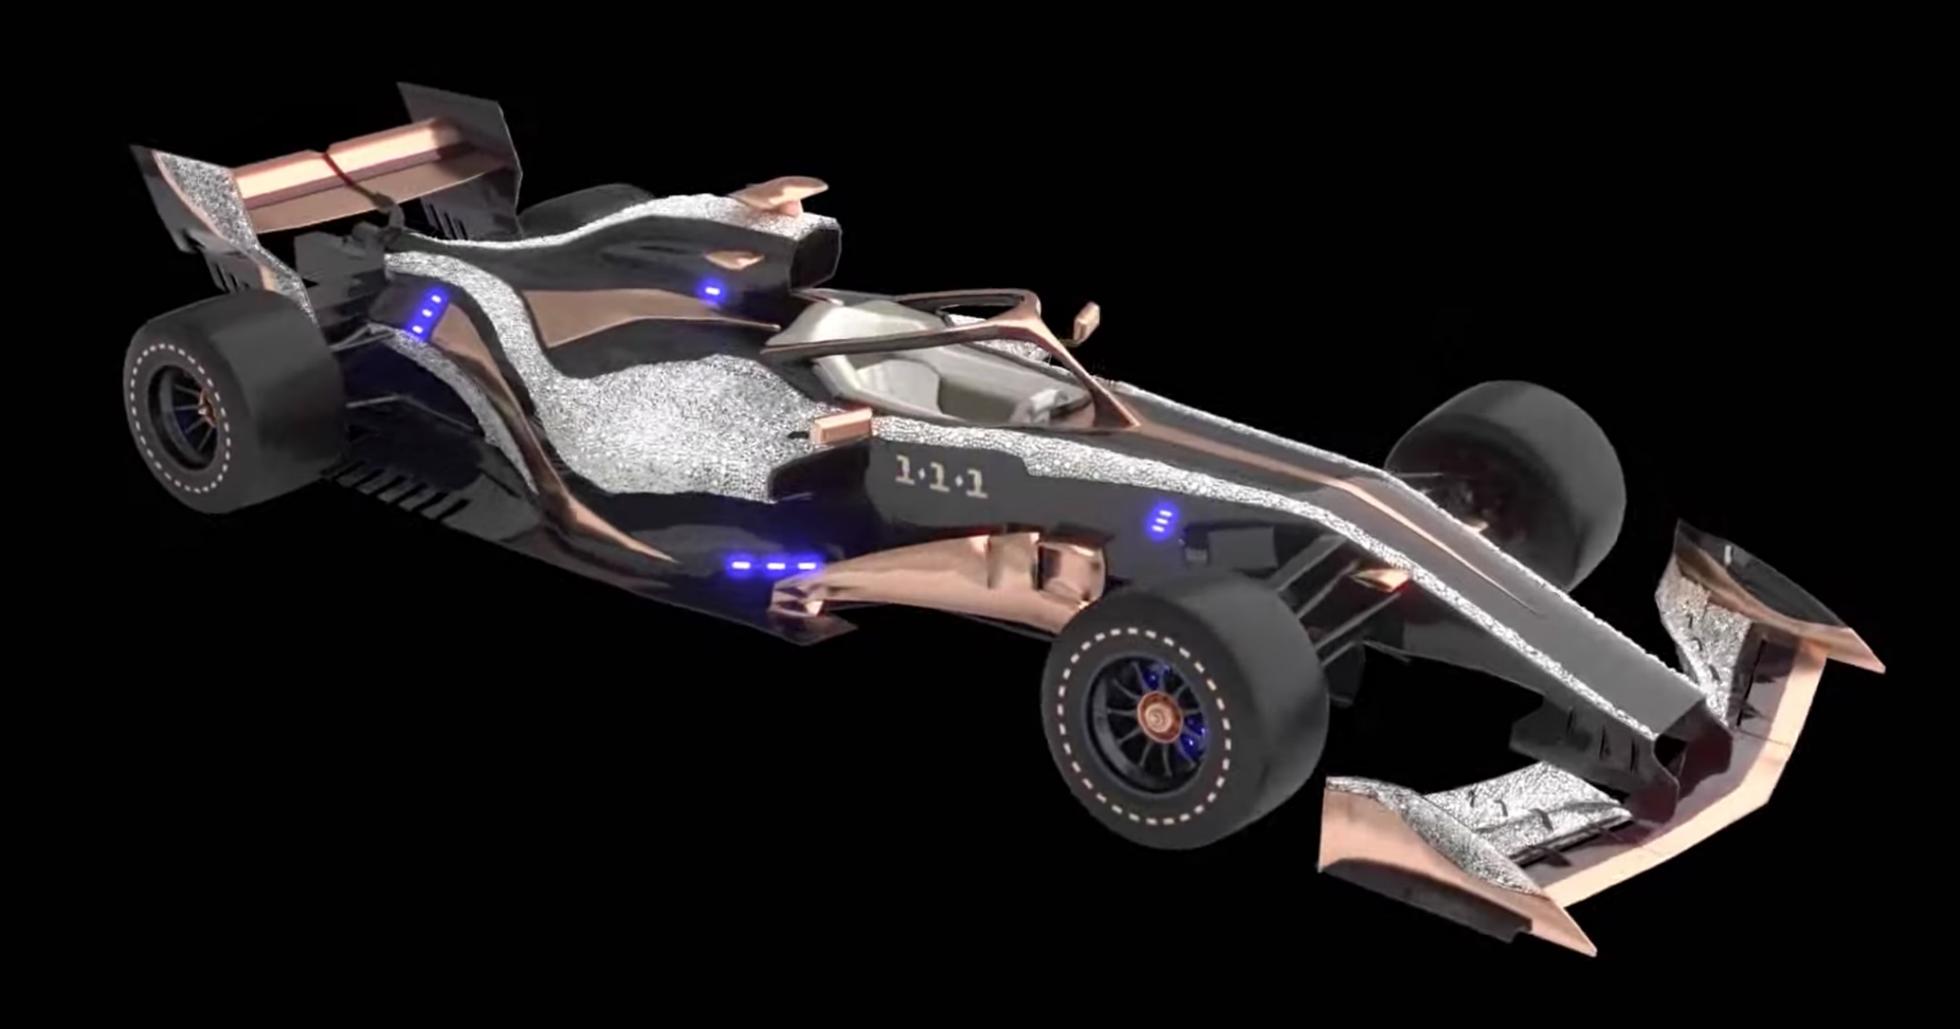 Virtuell racerbil såld i blockkedjespel – för över en miljon kronor.